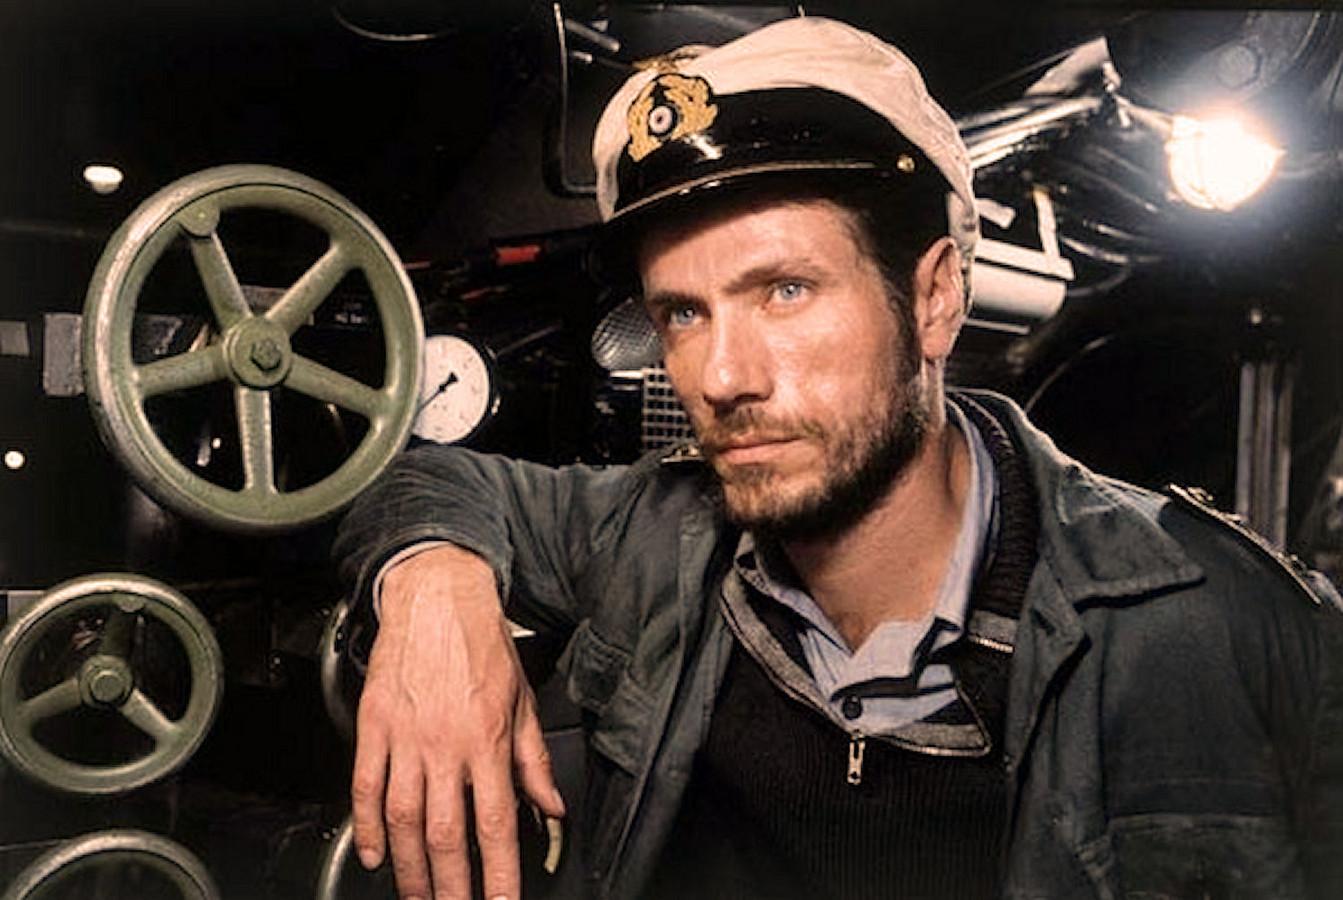 Kapitein Heinrich Lehmann-Willenbrock wordt in de film 'Das Boot' gespeeld door Jürgen Prochnow.